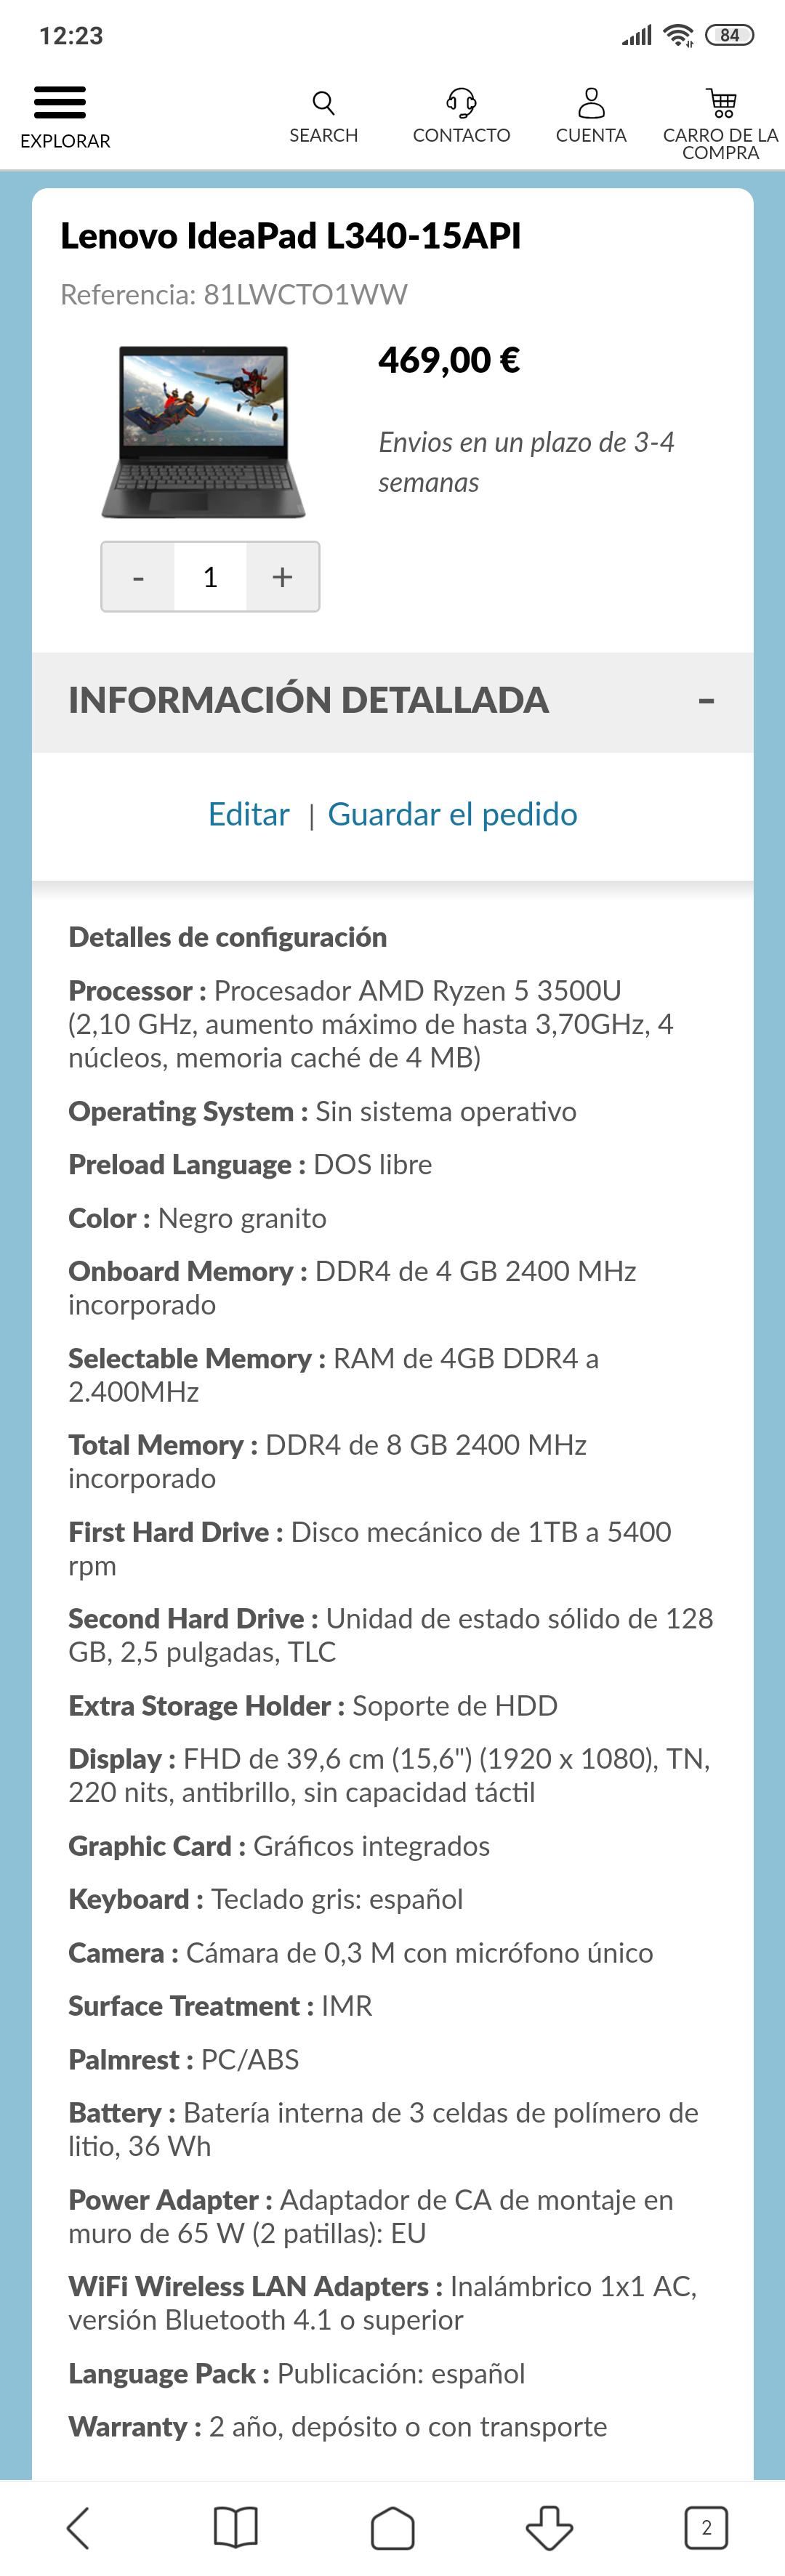 3183689-npdS0.jpg